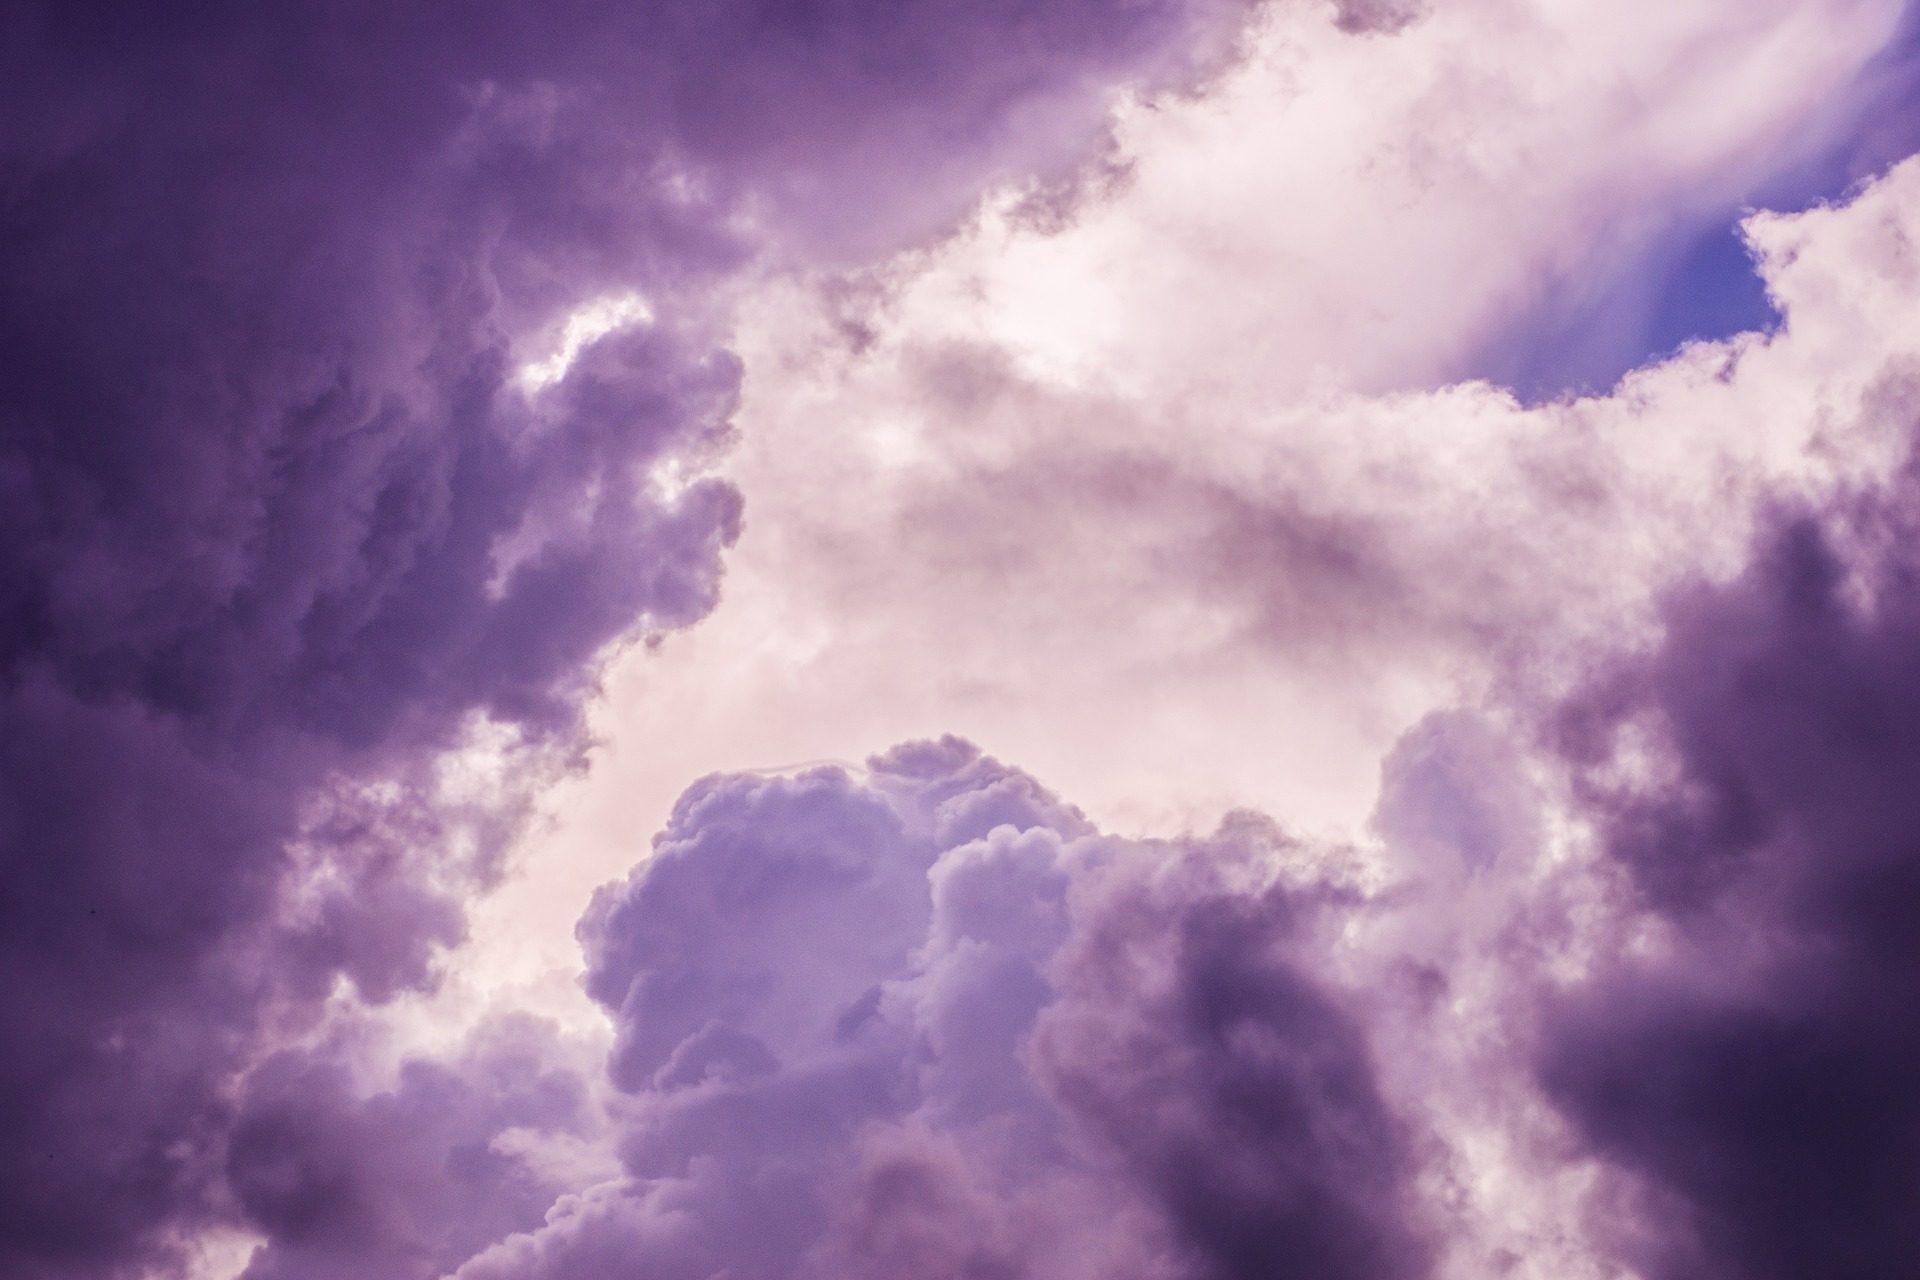 Wallpaper Abstrak 3d Himmel Tapete Wolken Lila Bew 246 Lkt Sturm Professor Falken